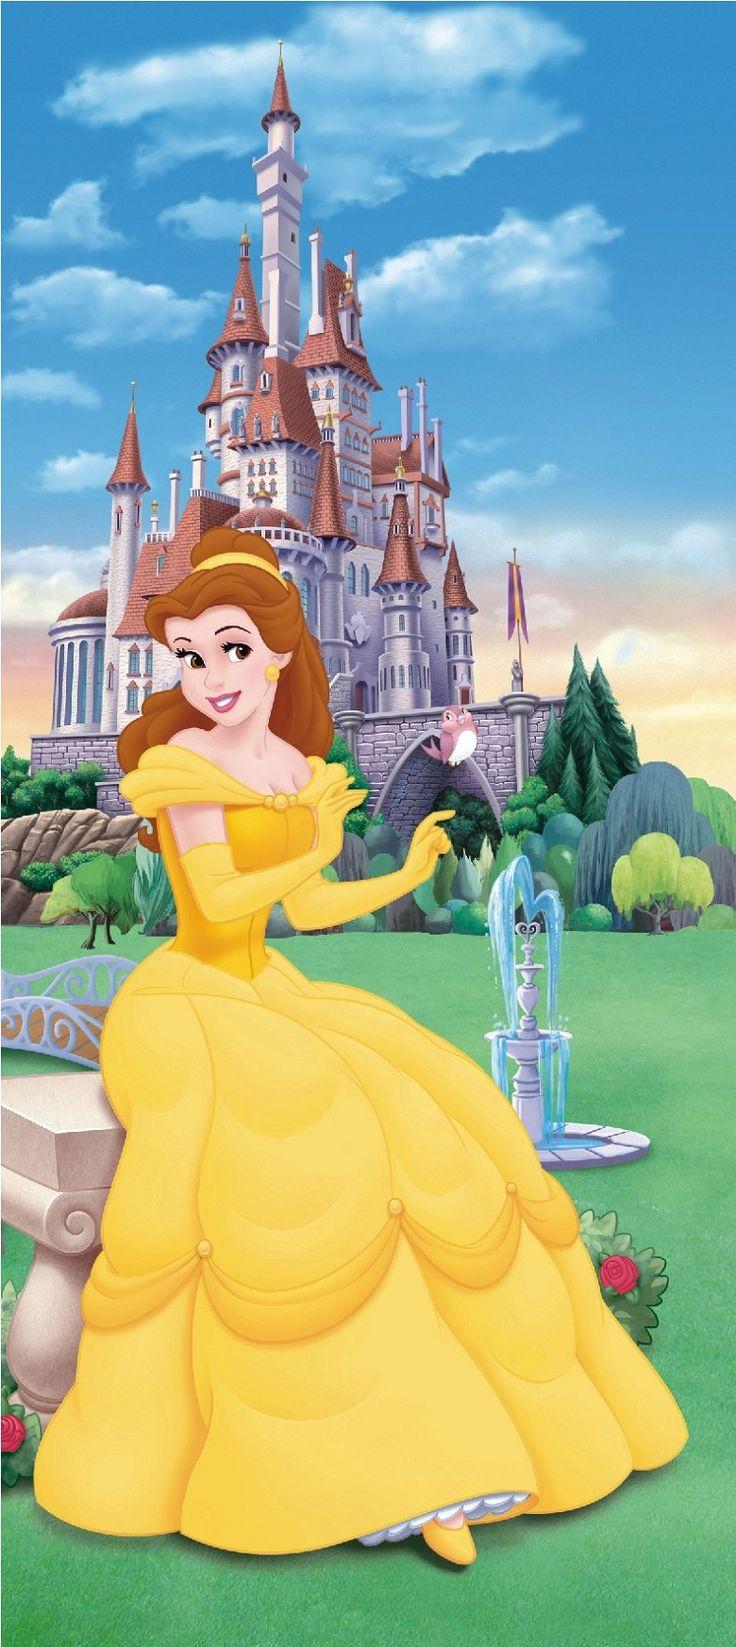 Prinzessin Fototapete von Walt Disney fürs Kinderzimmer kaufen ...